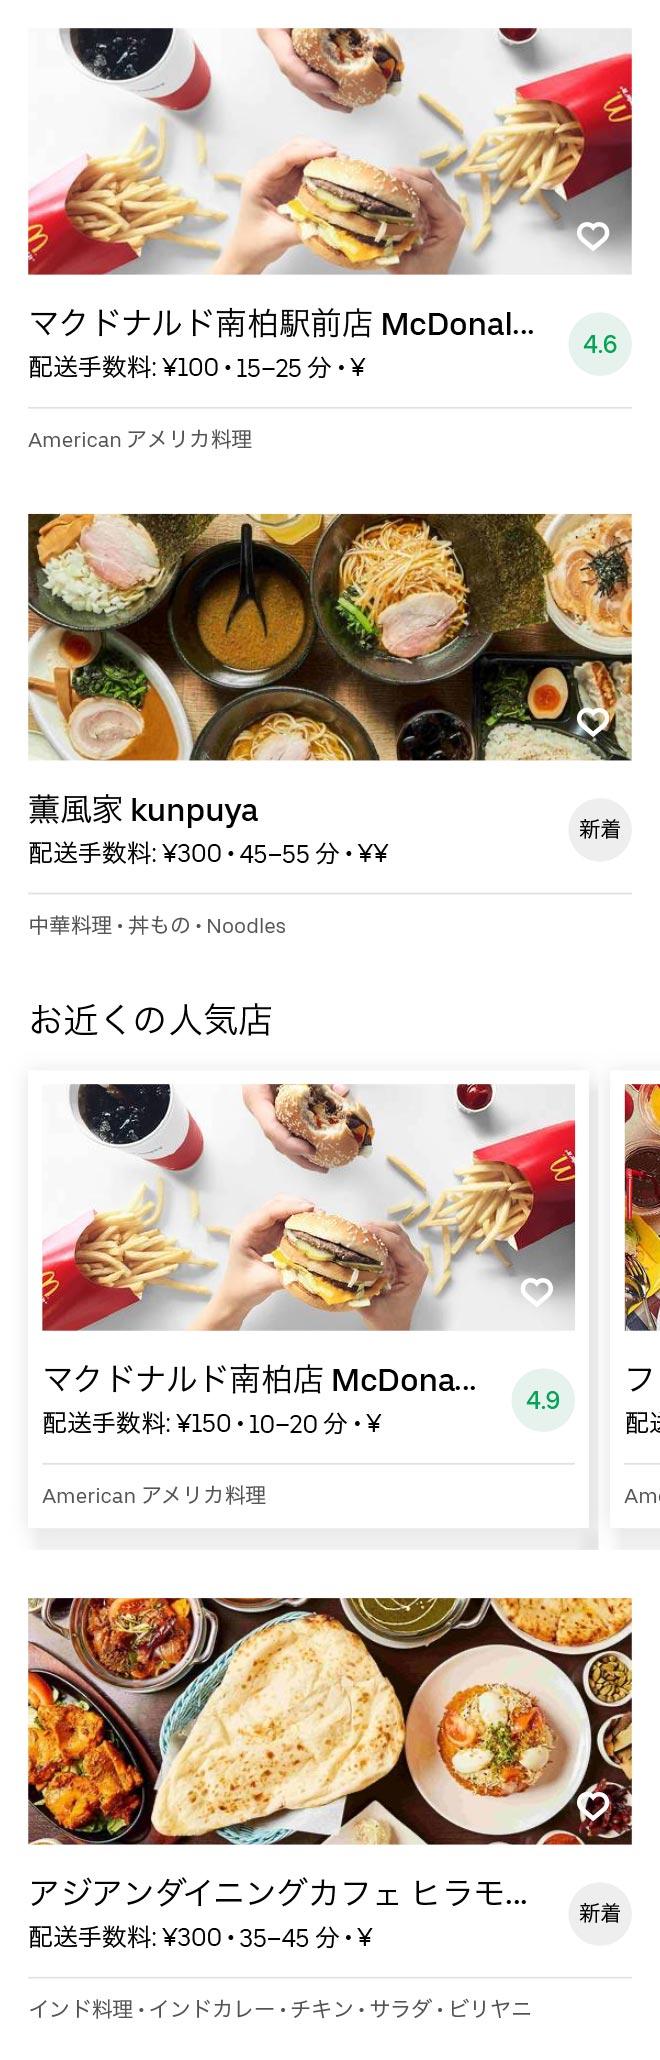 Minami kashiwa menu 2007 01